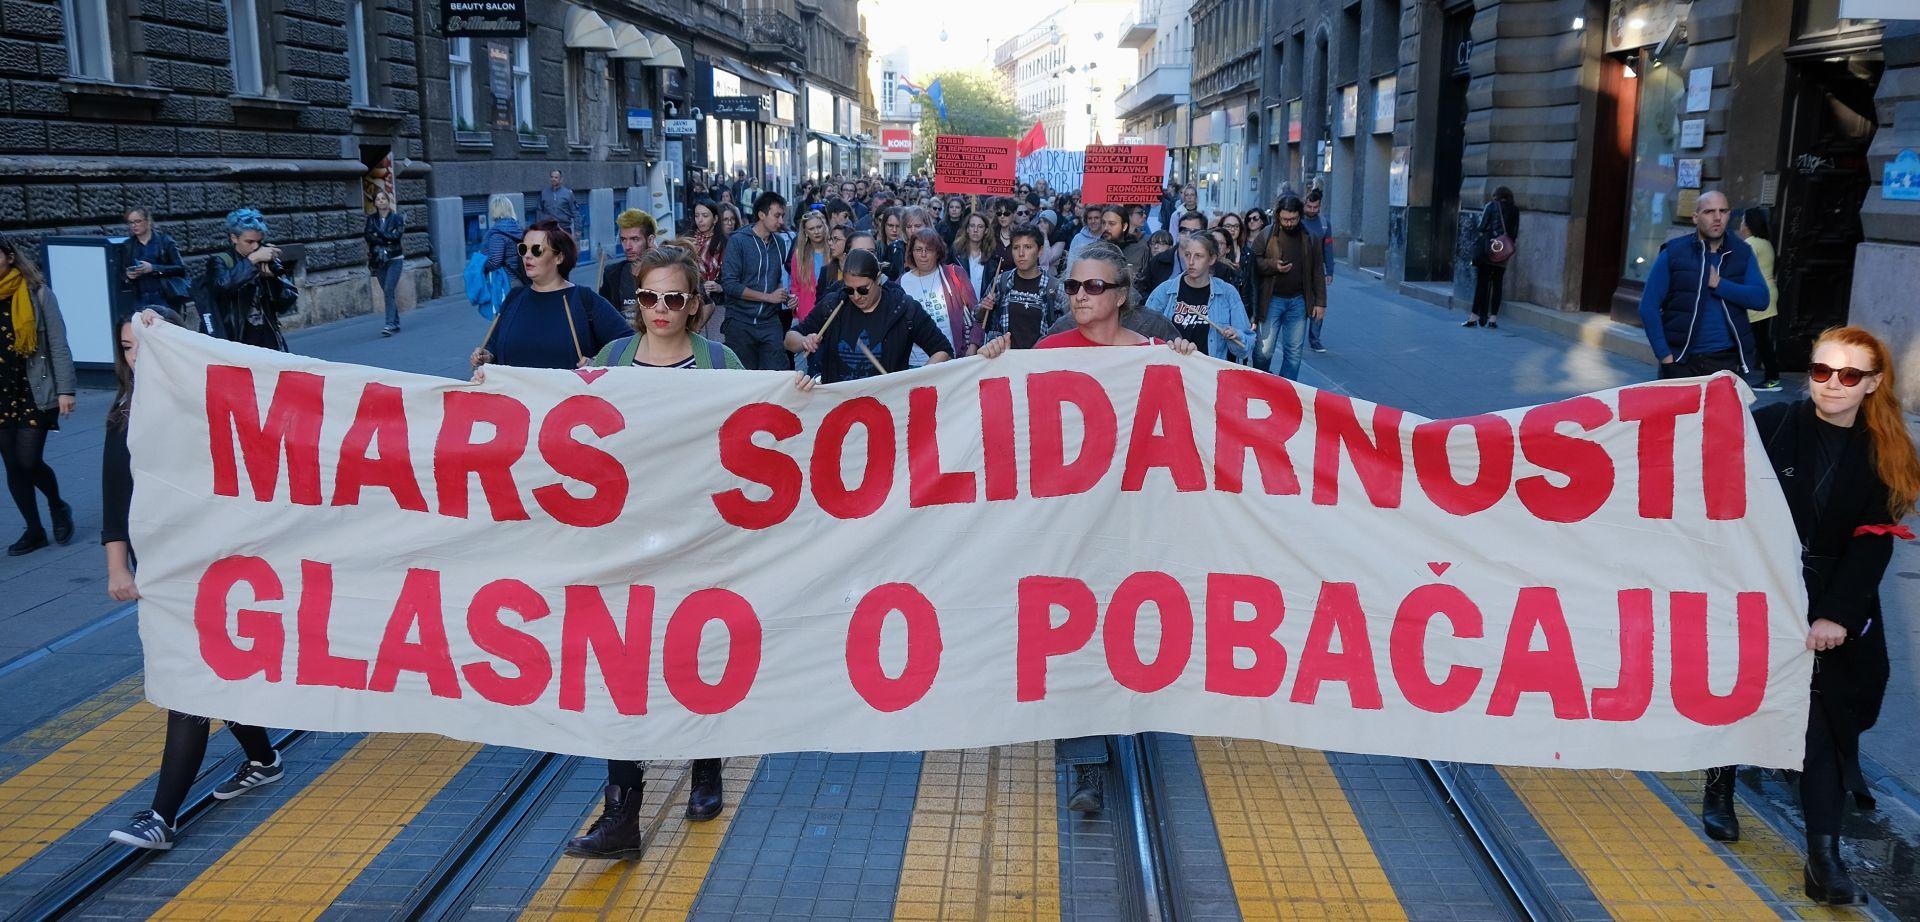 Marš solidarnosti za pravo na pobačaj